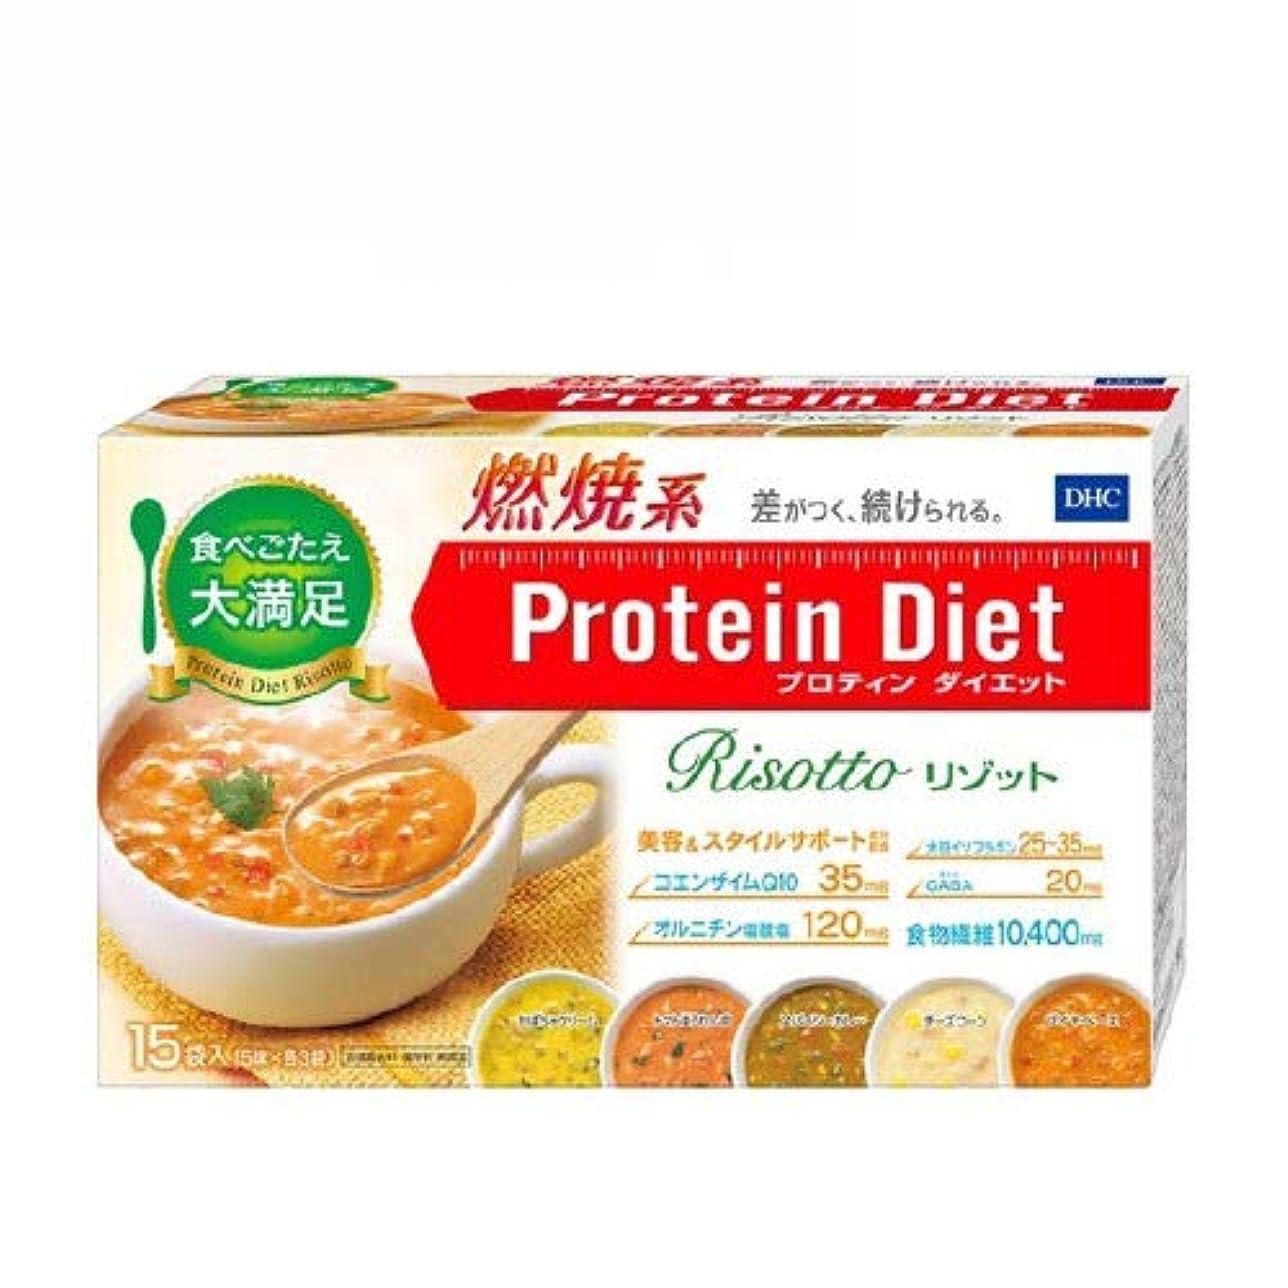 現象芝生平和なDHC プロテインダイエット リゾット 15袋入(5味×各3袋) ダイエットリゾット